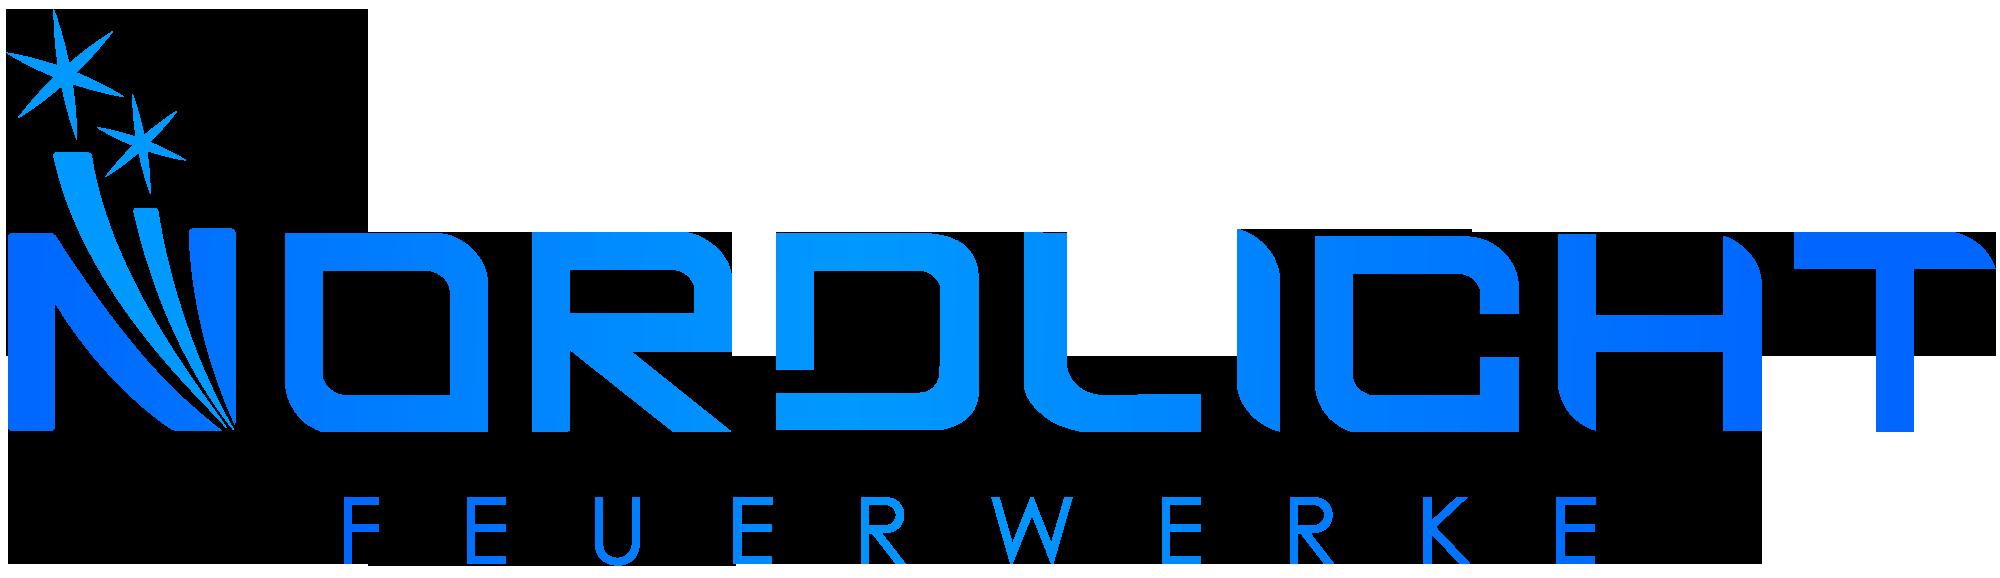 Blau logo-2000